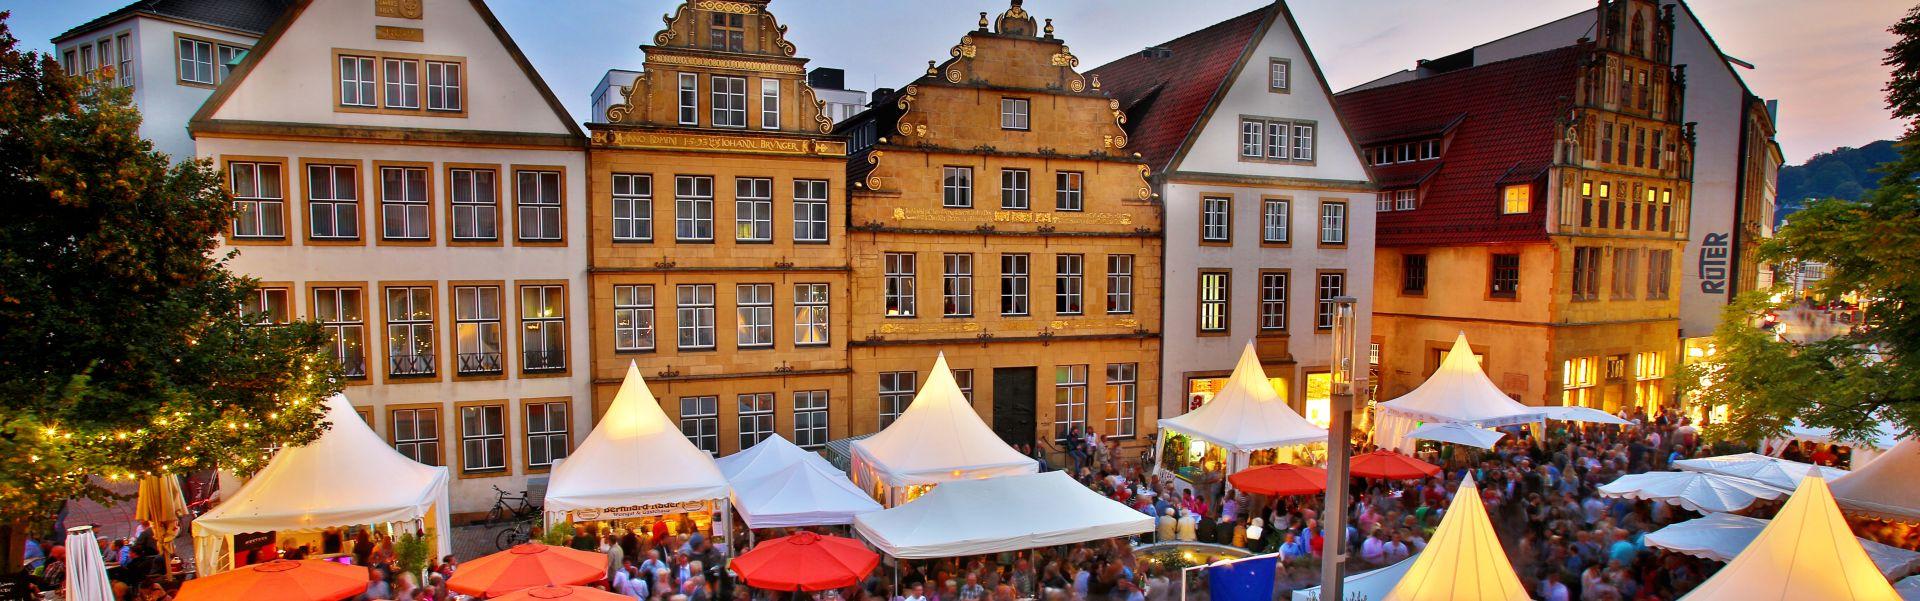 Events Bielefeld Weinmarkt